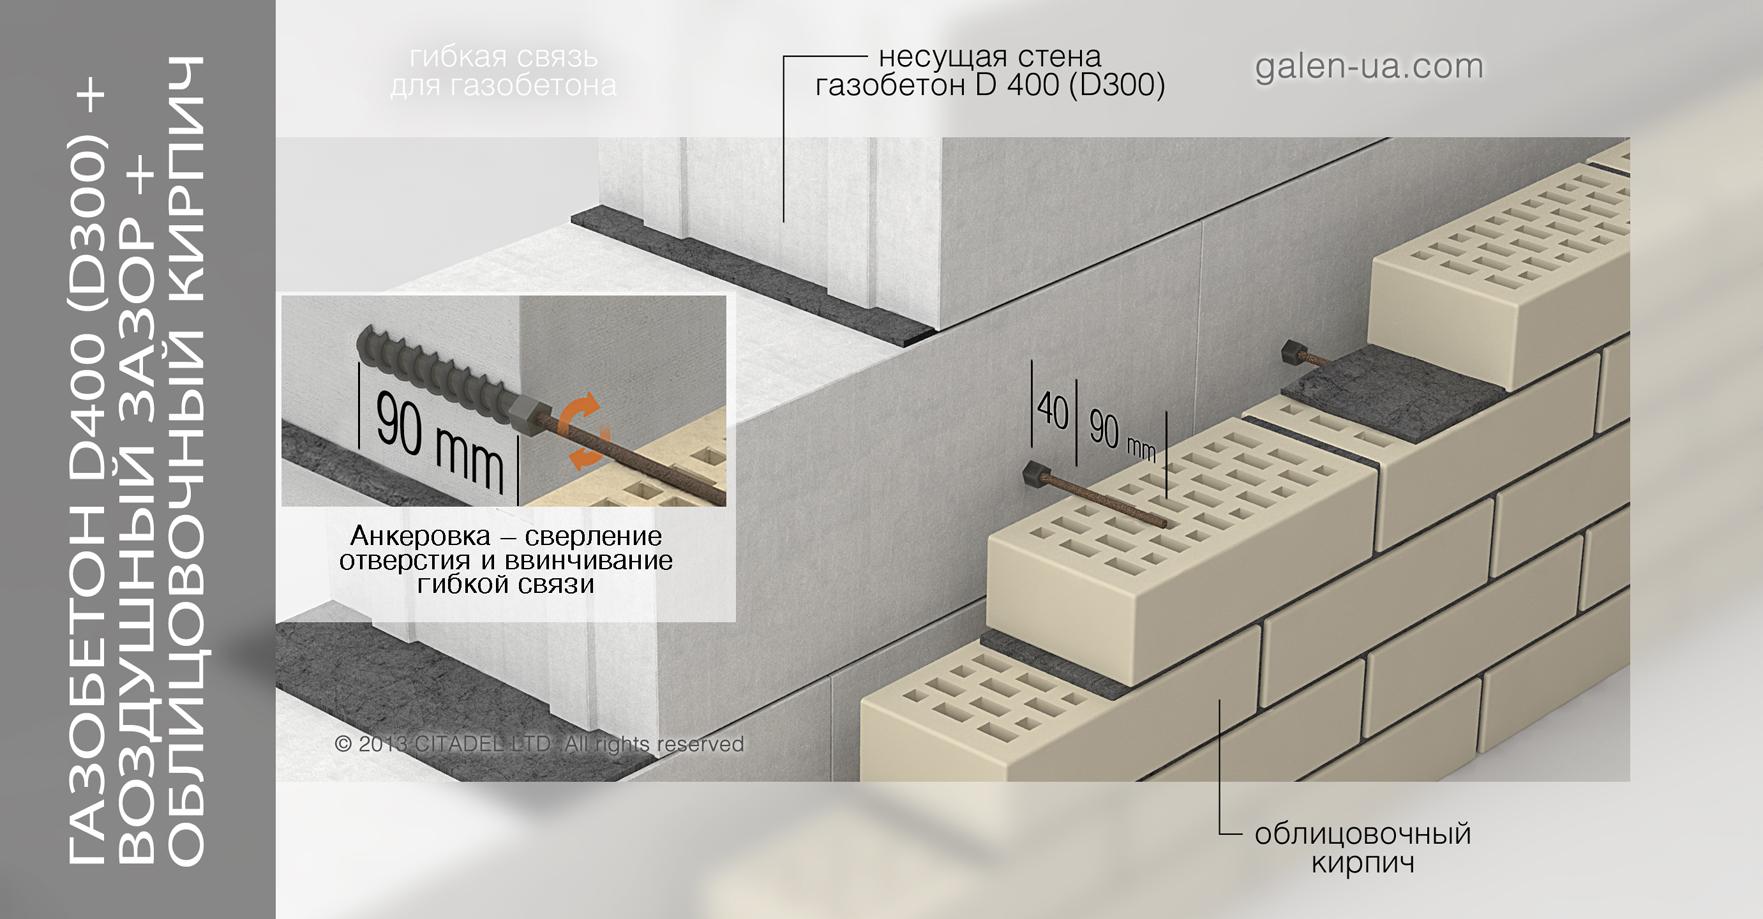 Гибкая связь  для газобетона: Газобетон D400 (D300) + Воздушный зазор + Облицовочный кирпич